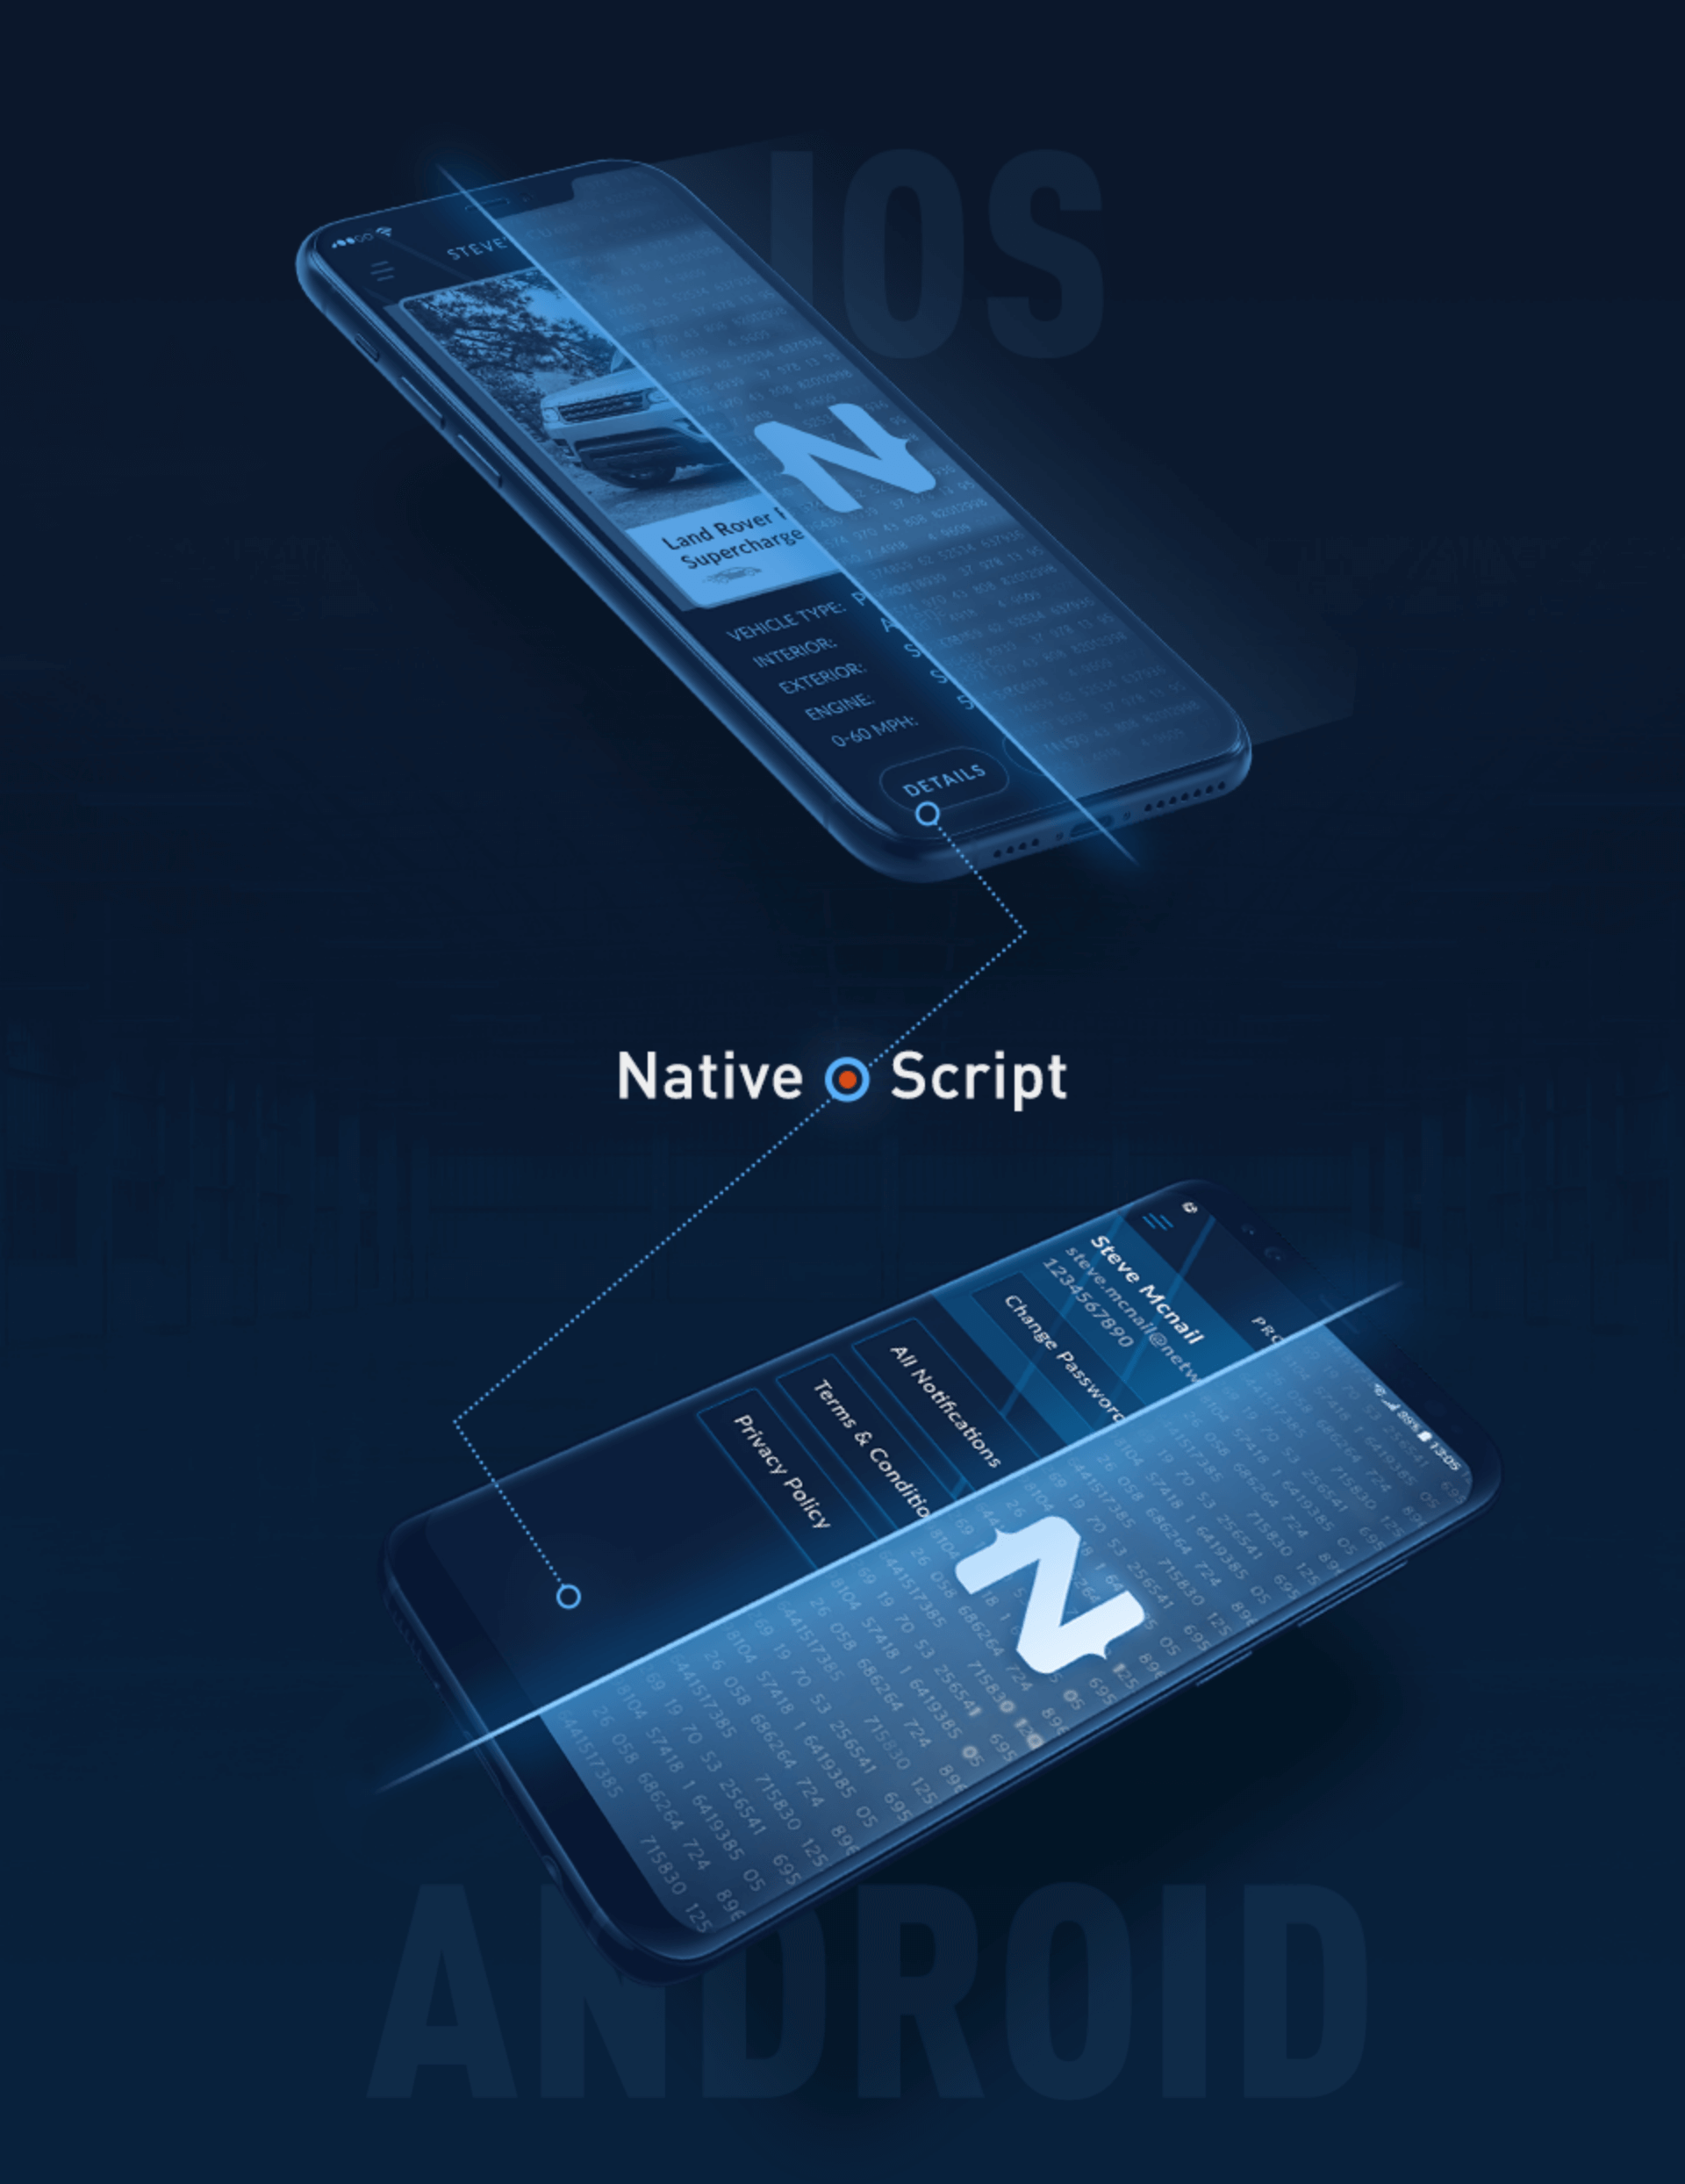 Cross-platform mobile app development for early market entry